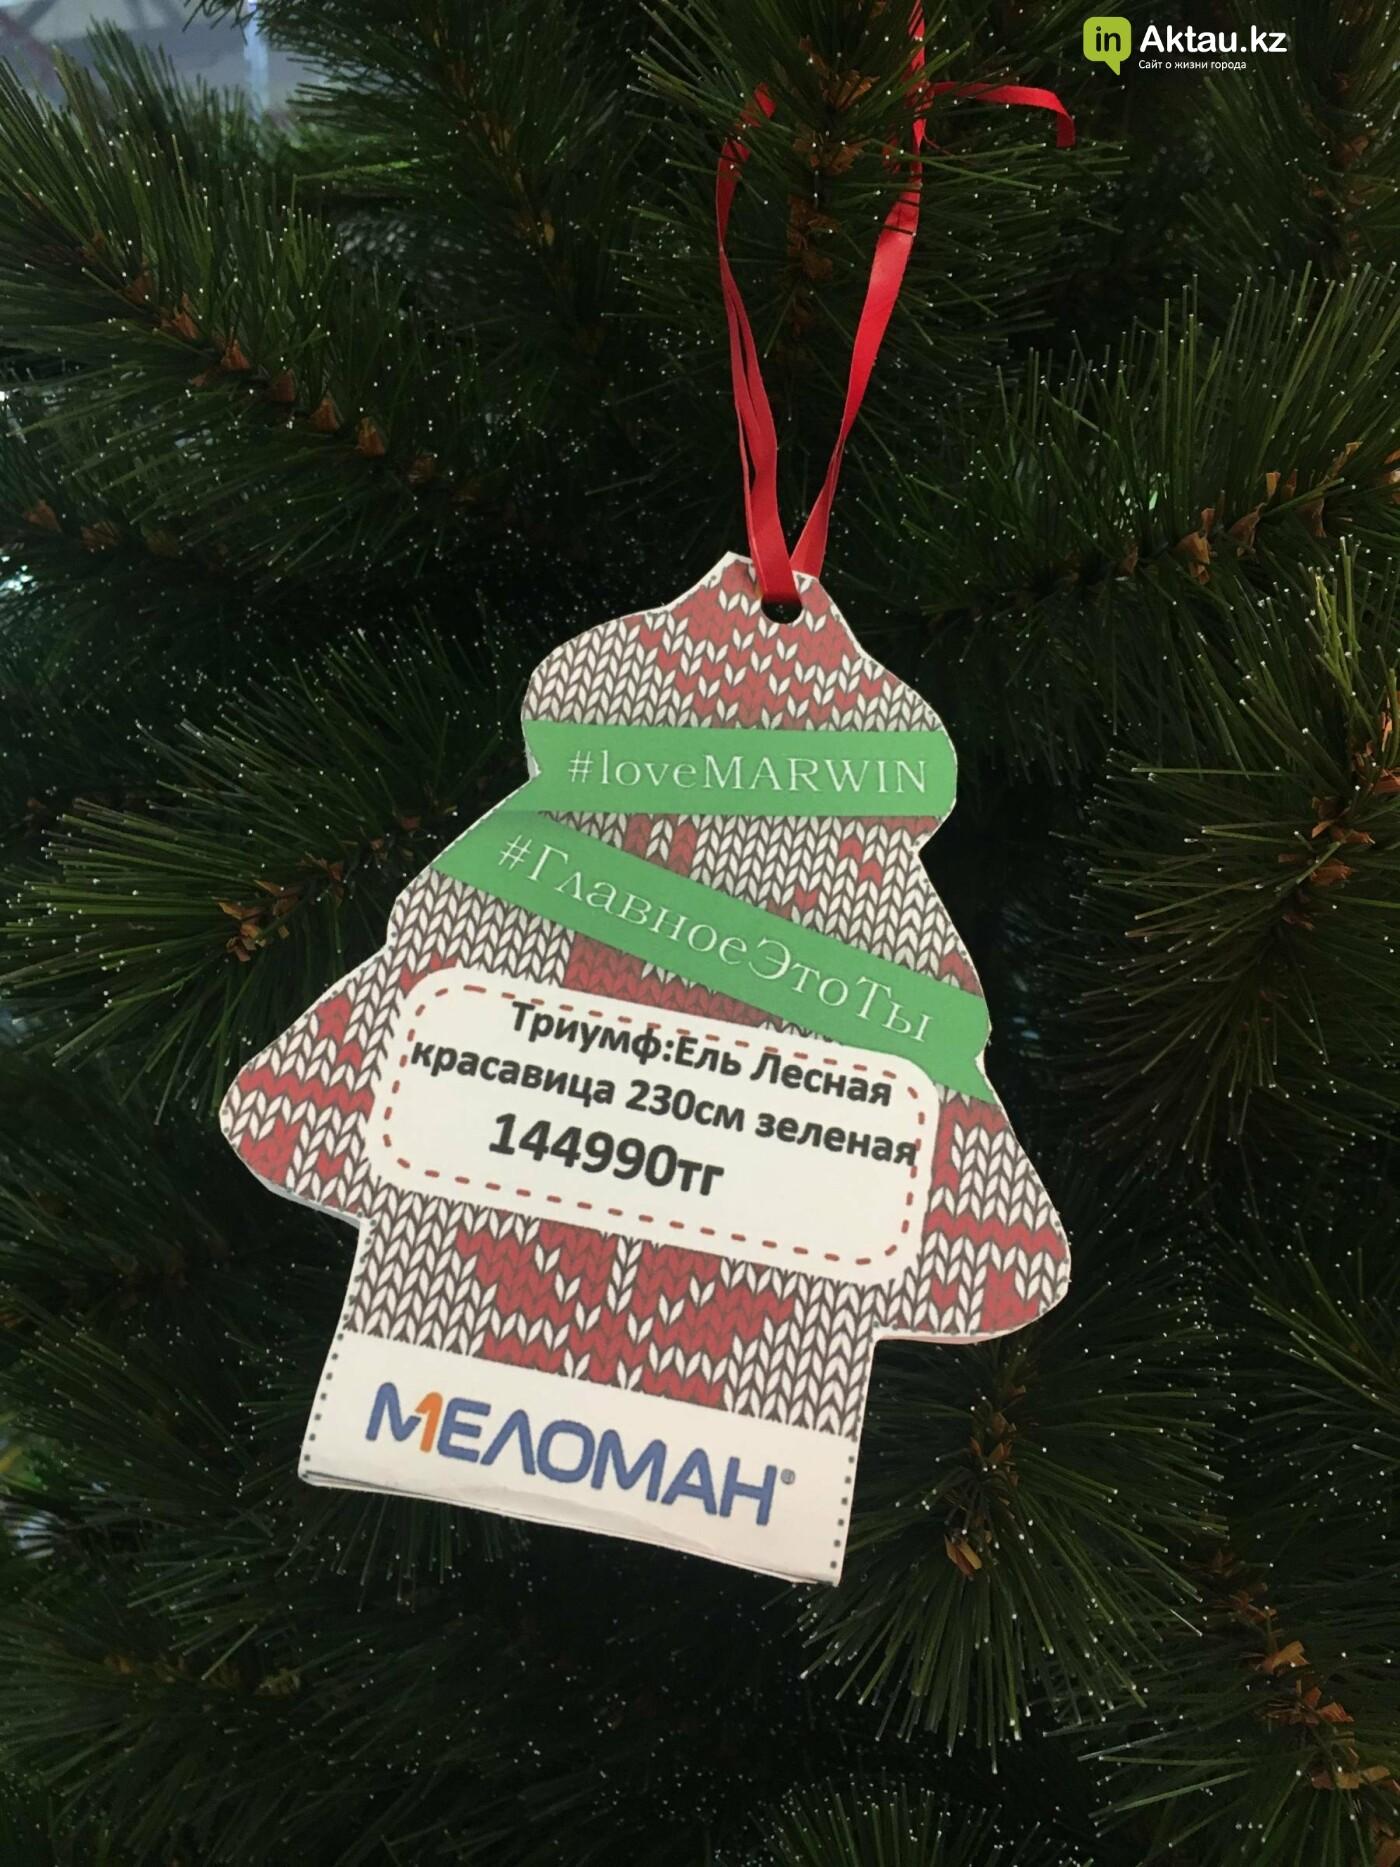 Гид по елкам: Где в Актау купить красивую и недорогую искусственную ель расскажет ИнАктау, фото-23